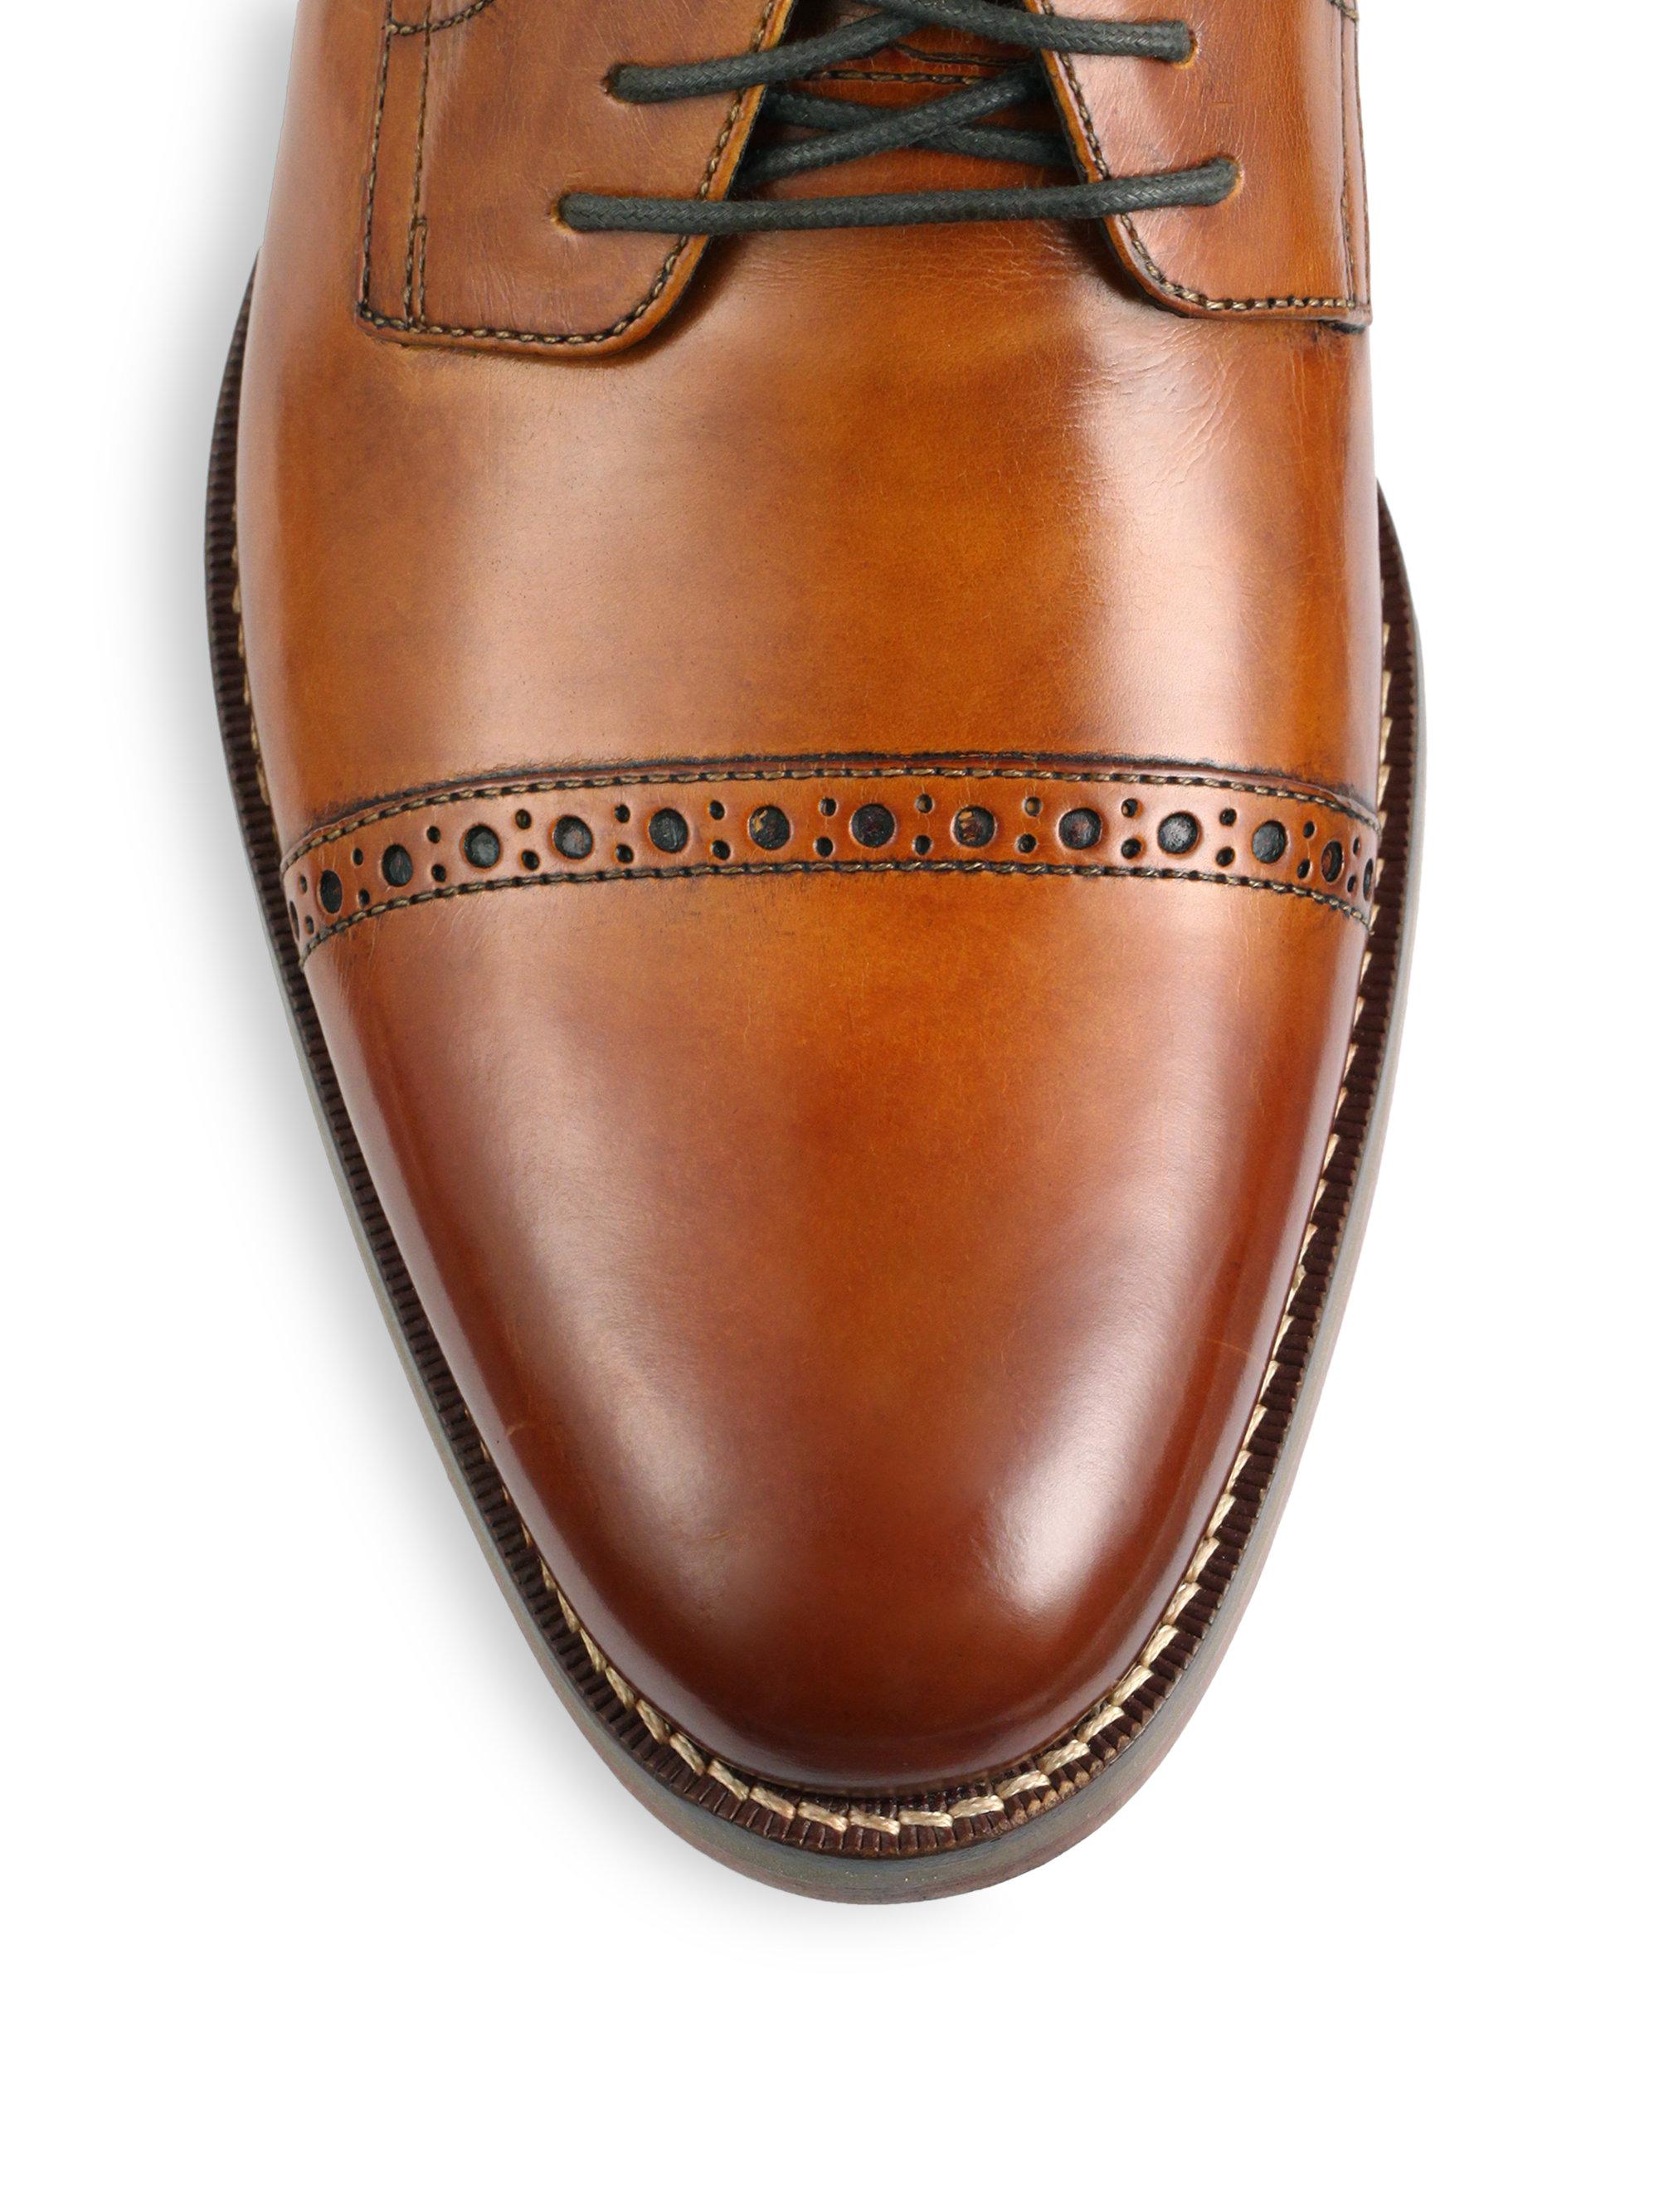 989c49feb40de0 Cole Haan Preston Cap-toe Lace-up Shoes in Brown for Men - Lyst